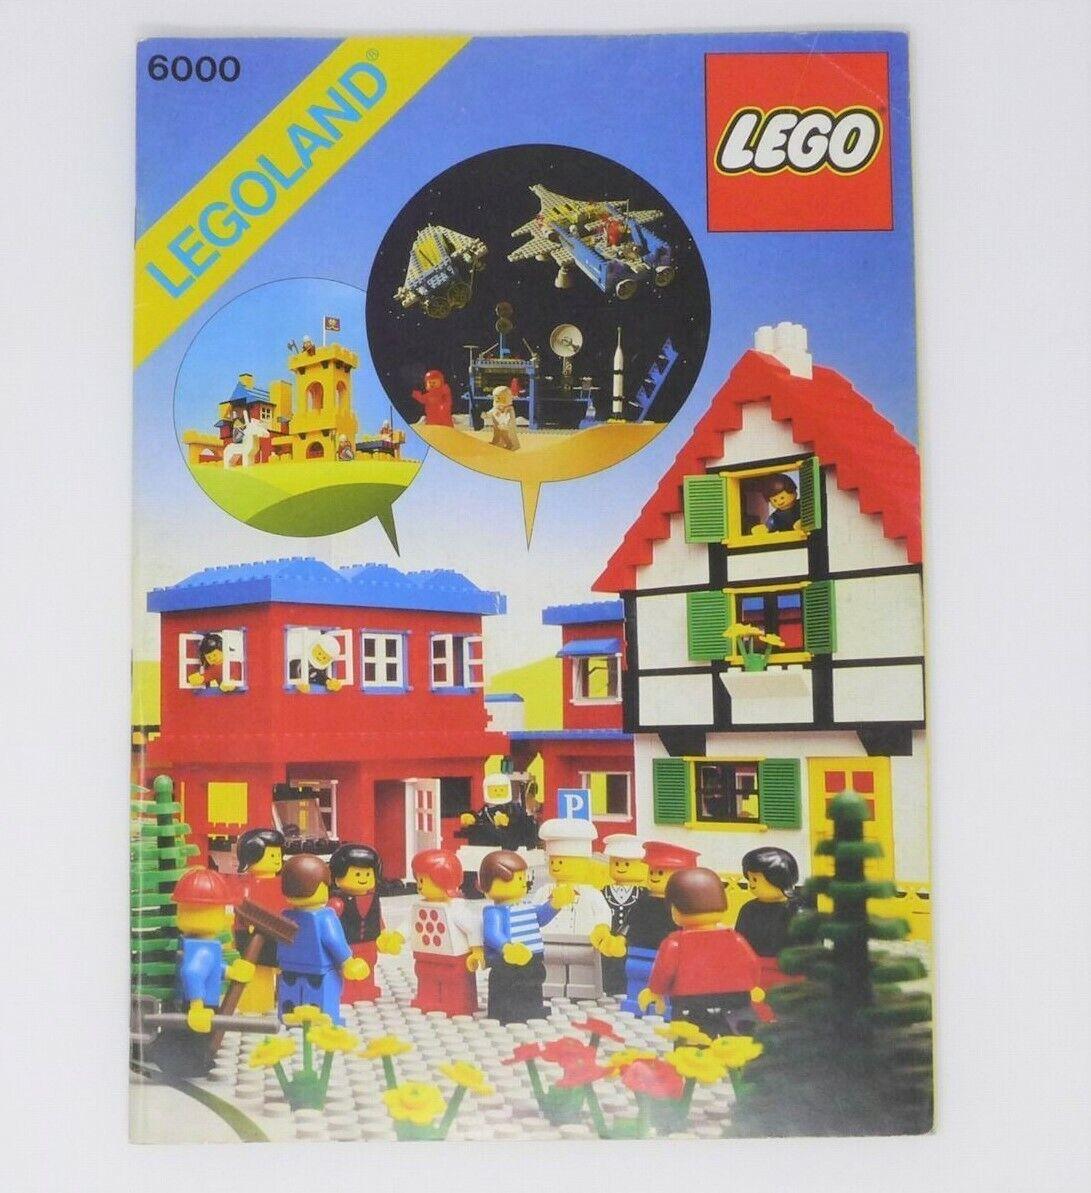 Libro Legoland 6000 con sticker adesivi arco completo mai utilizzato book lego